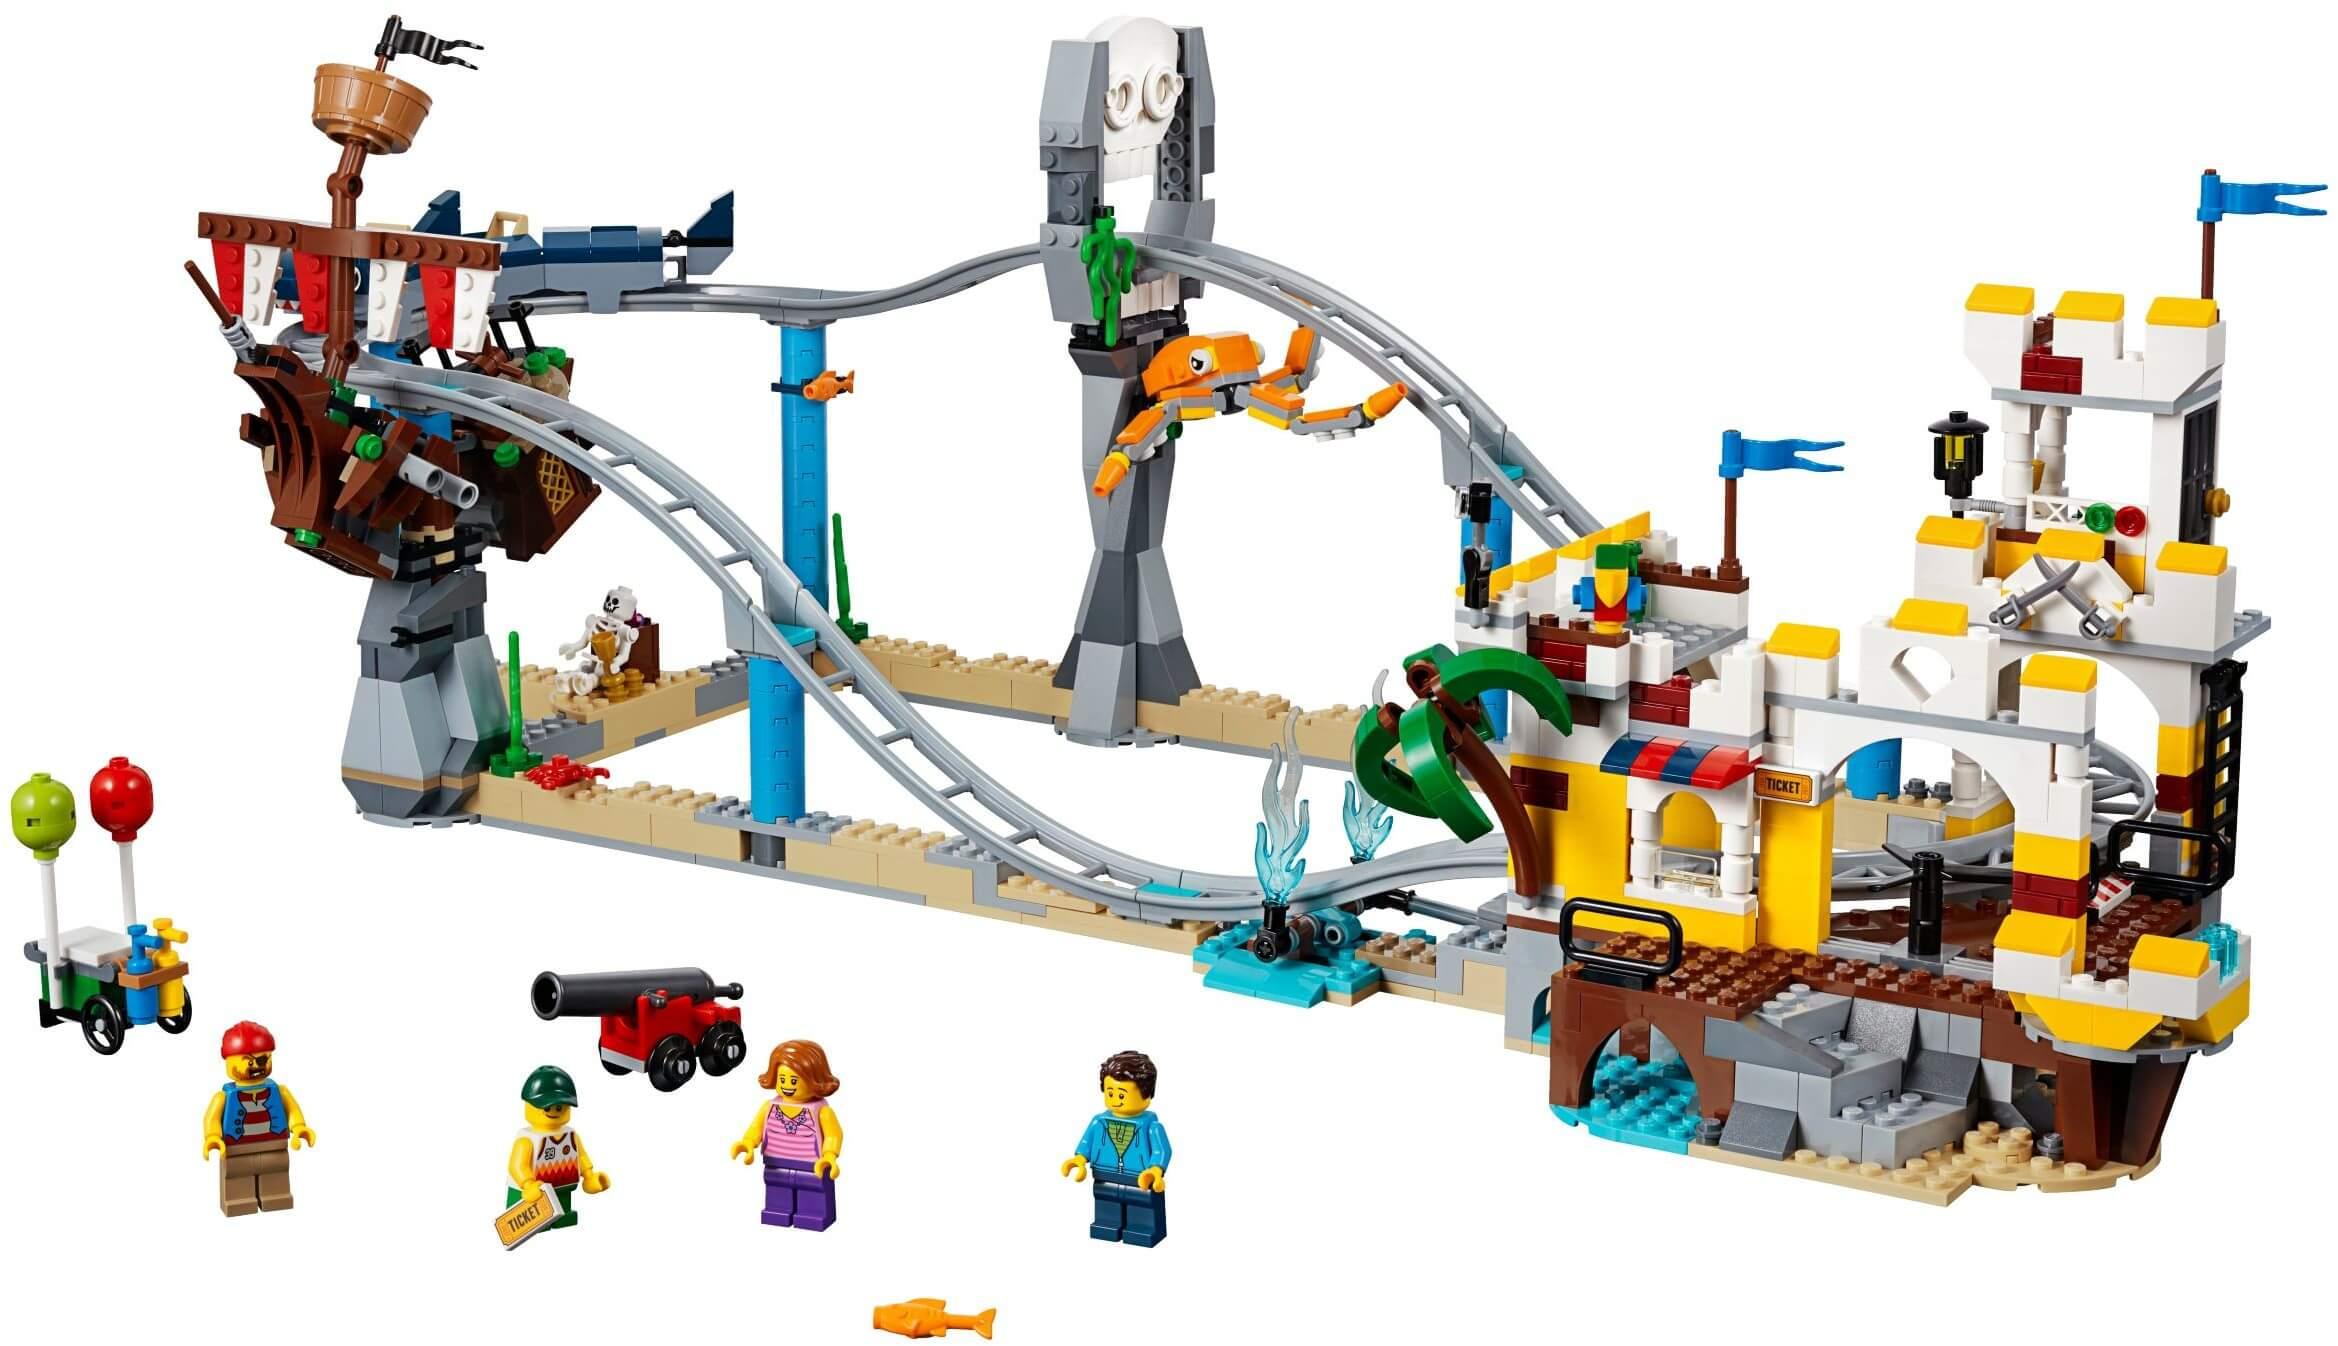 Mua đồ chơi LEGO 31084 - LEGO Creator 31084 - Xếp hình Tàu Lượn Siêu Tốc Cướp Biển 3-trong-1